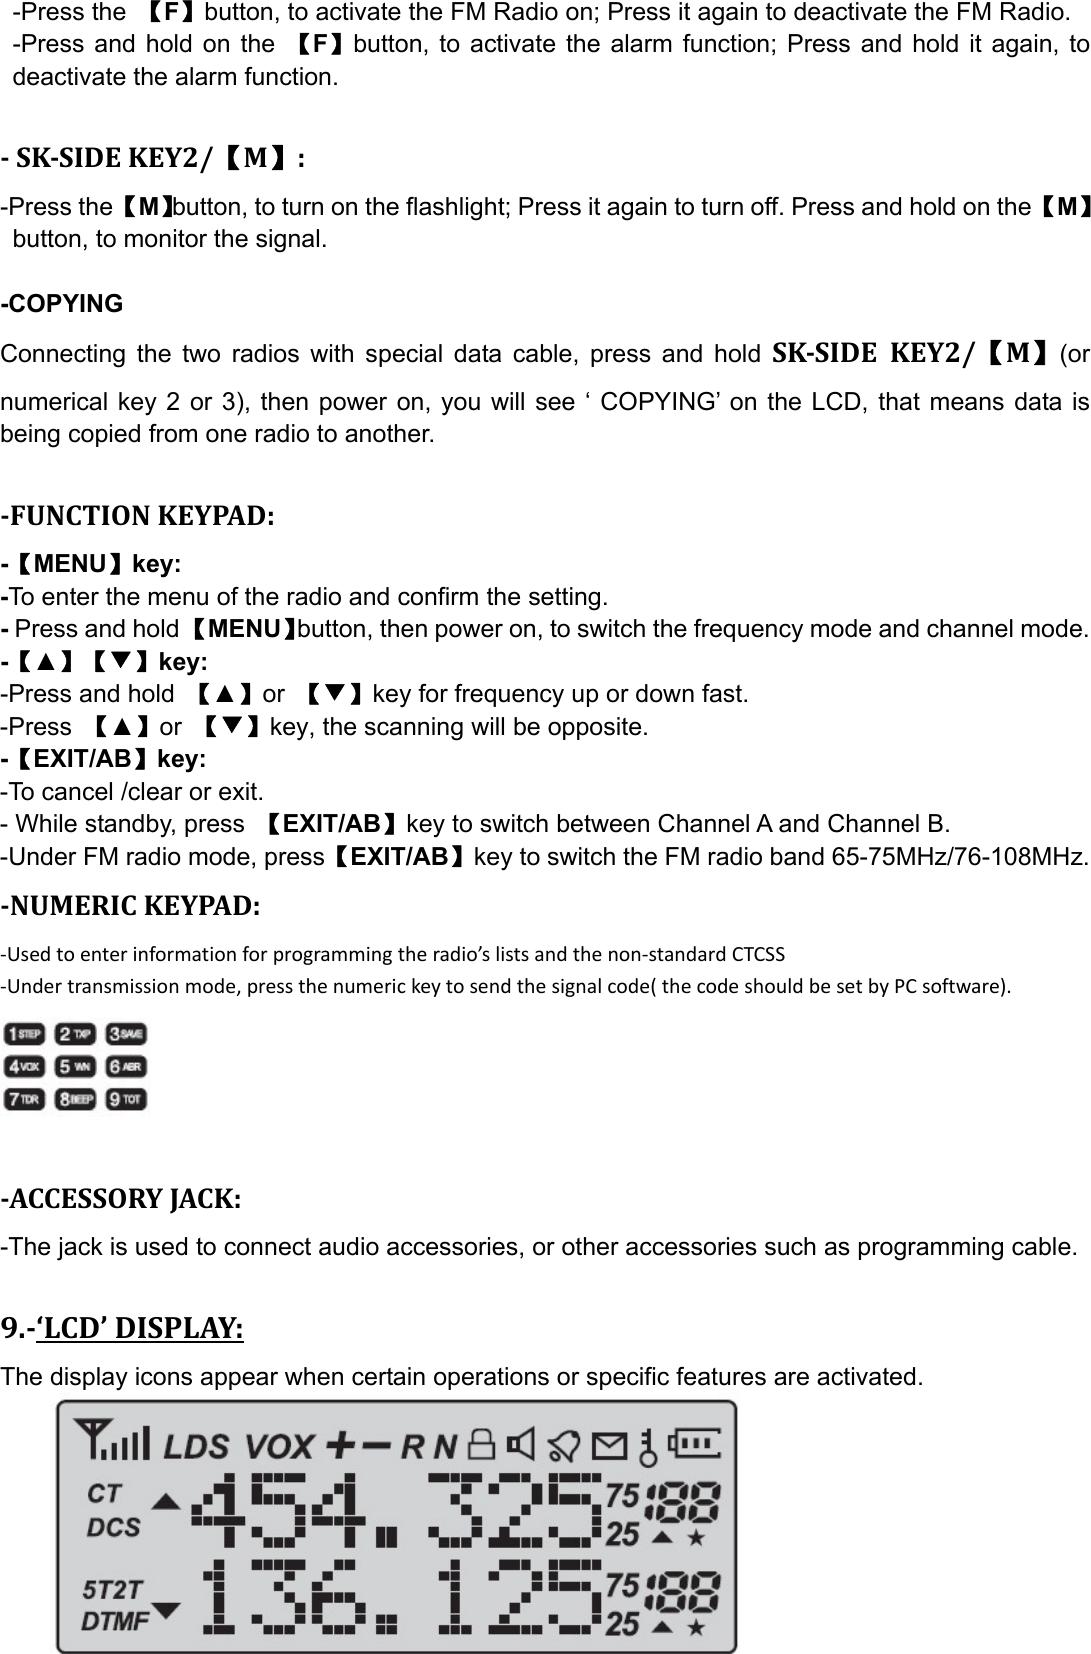 baofeng uv 82 manual pdf